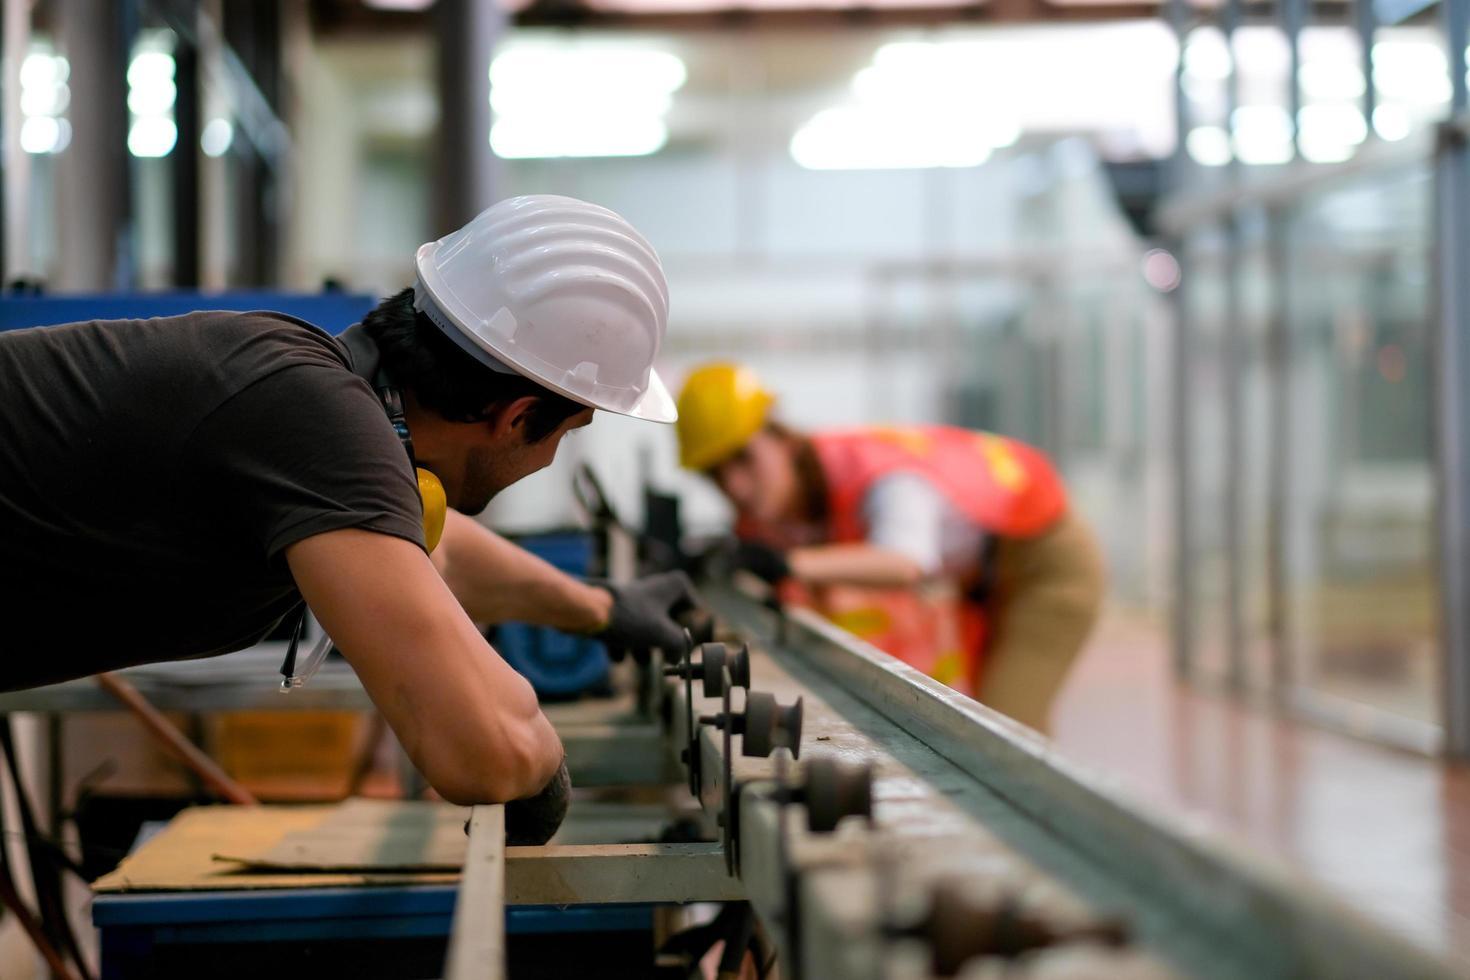 männlicher Techniker in der Industrieanlage, der neben weiblichem Mitarbeiter arbeitet foto